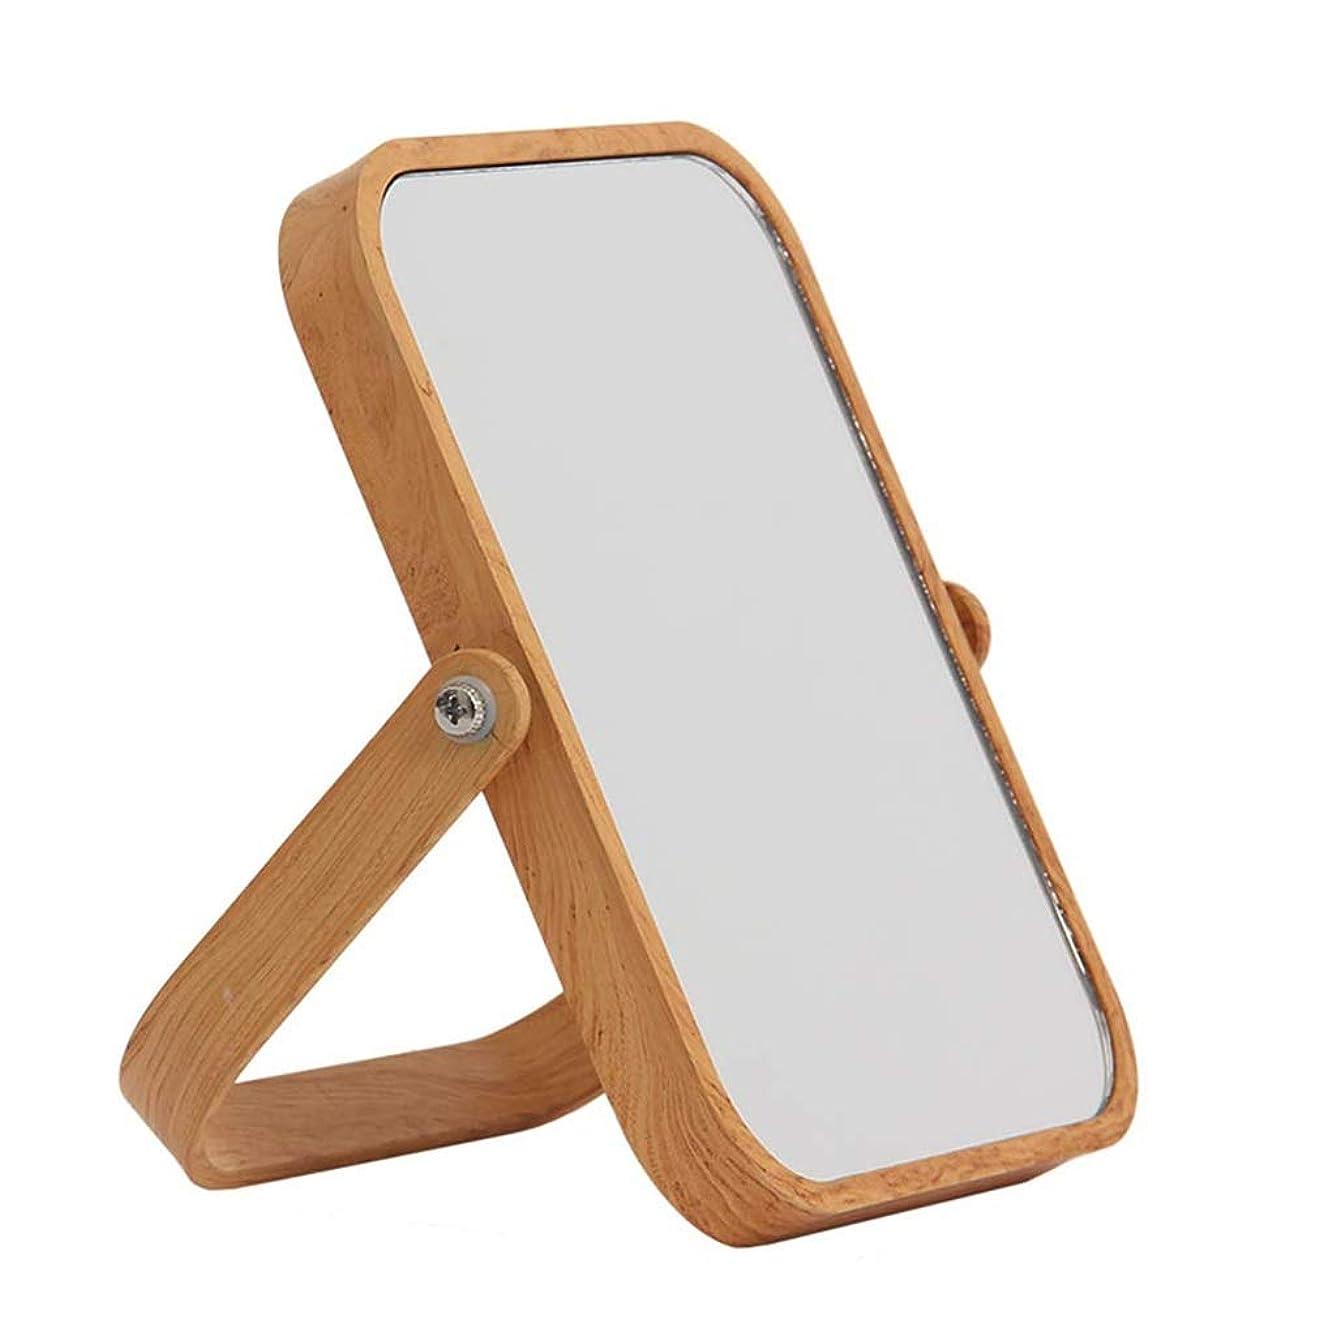 イル麻酔薬雷雨Yalztc-zyq16 デスクトップぶら下げ多目的純木化粧鏡ポータブル木製デスクトップ化粧鏡折りたたみHD美容虫眼鏡